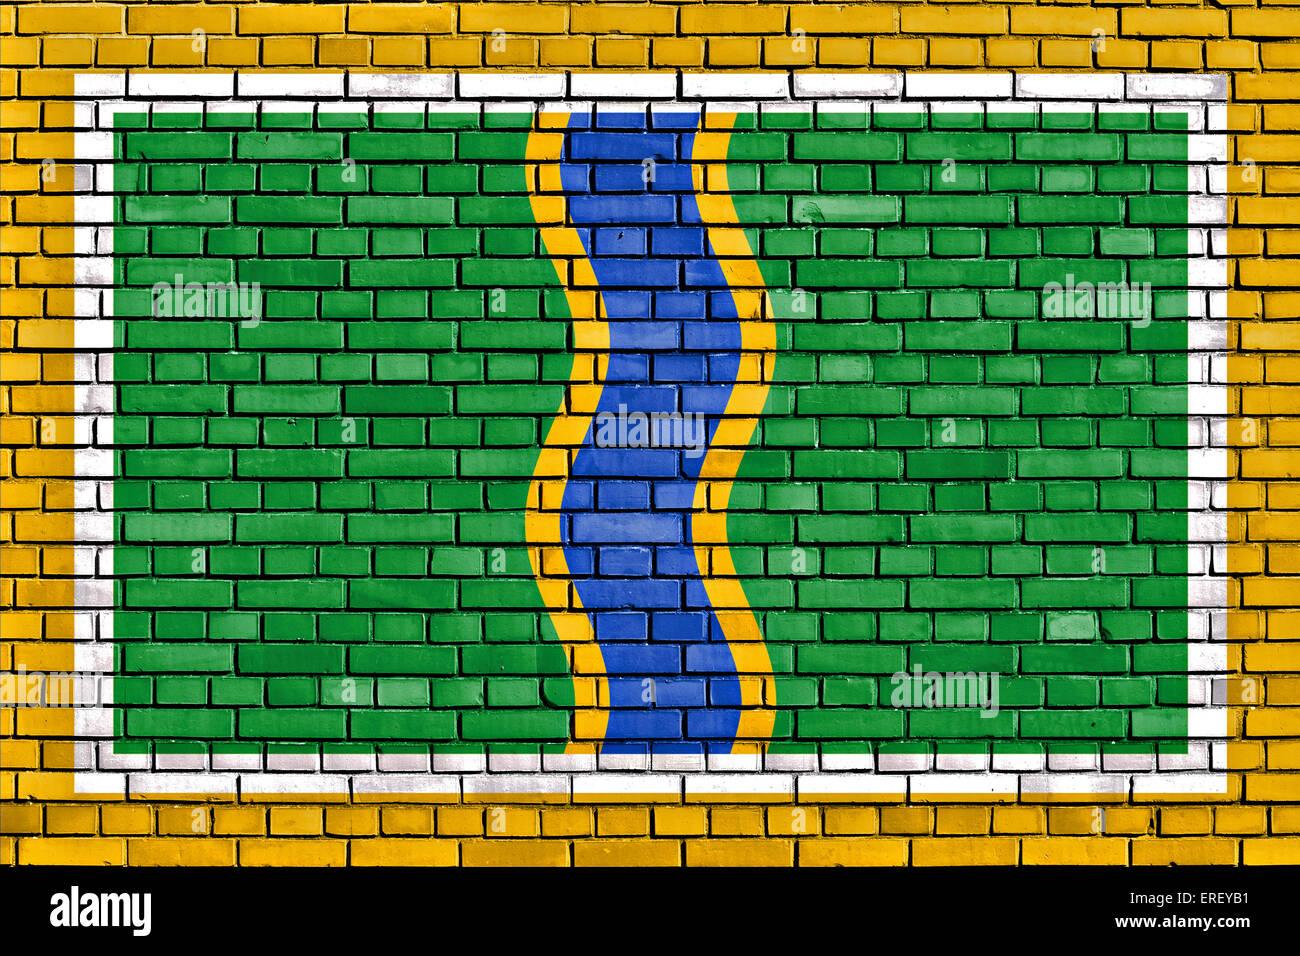 flag of Andorra la Vella painted on brick wall - Stock Image